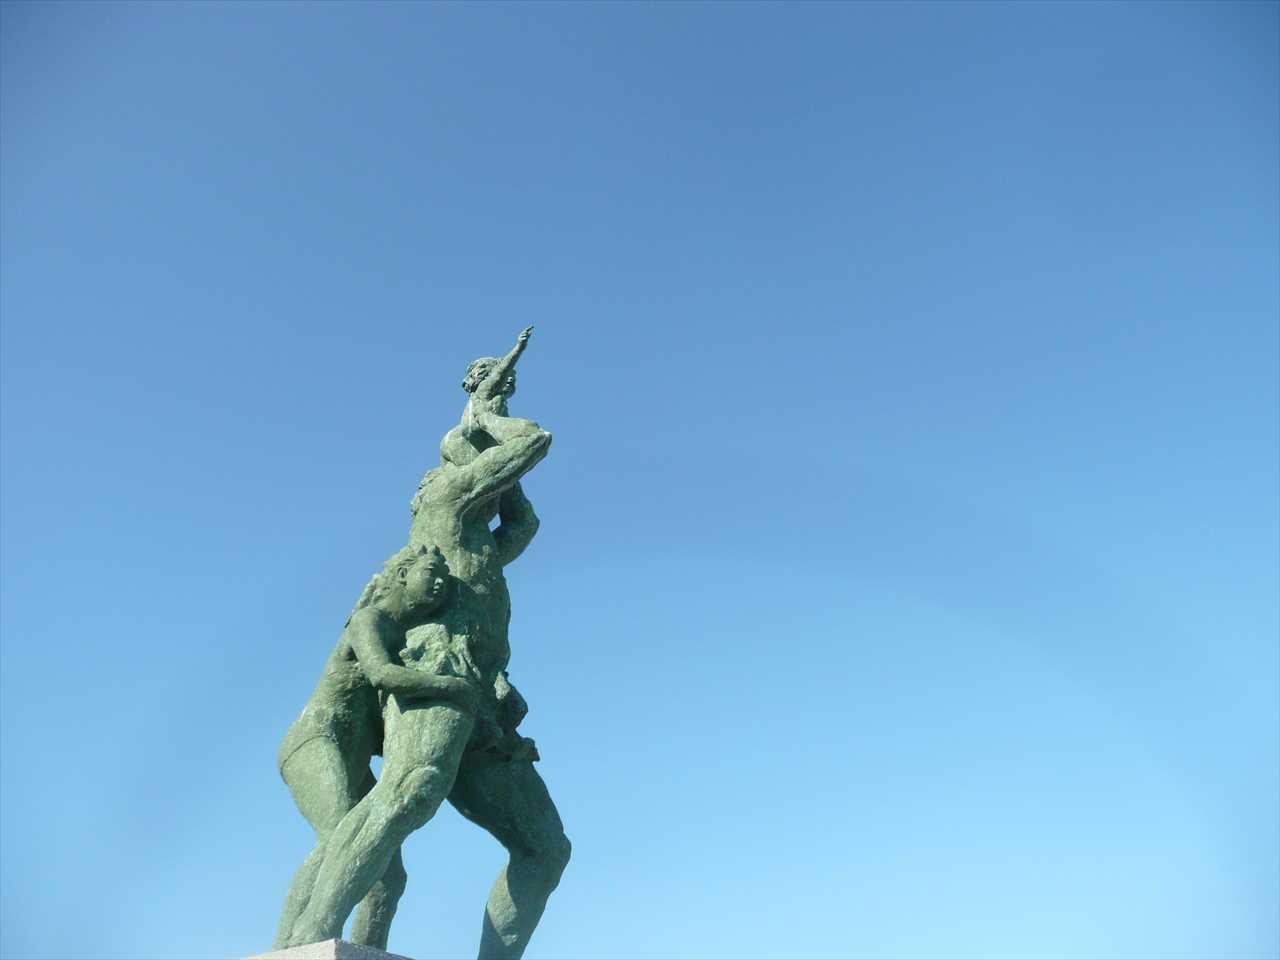 城ヶ島灯台公園の像